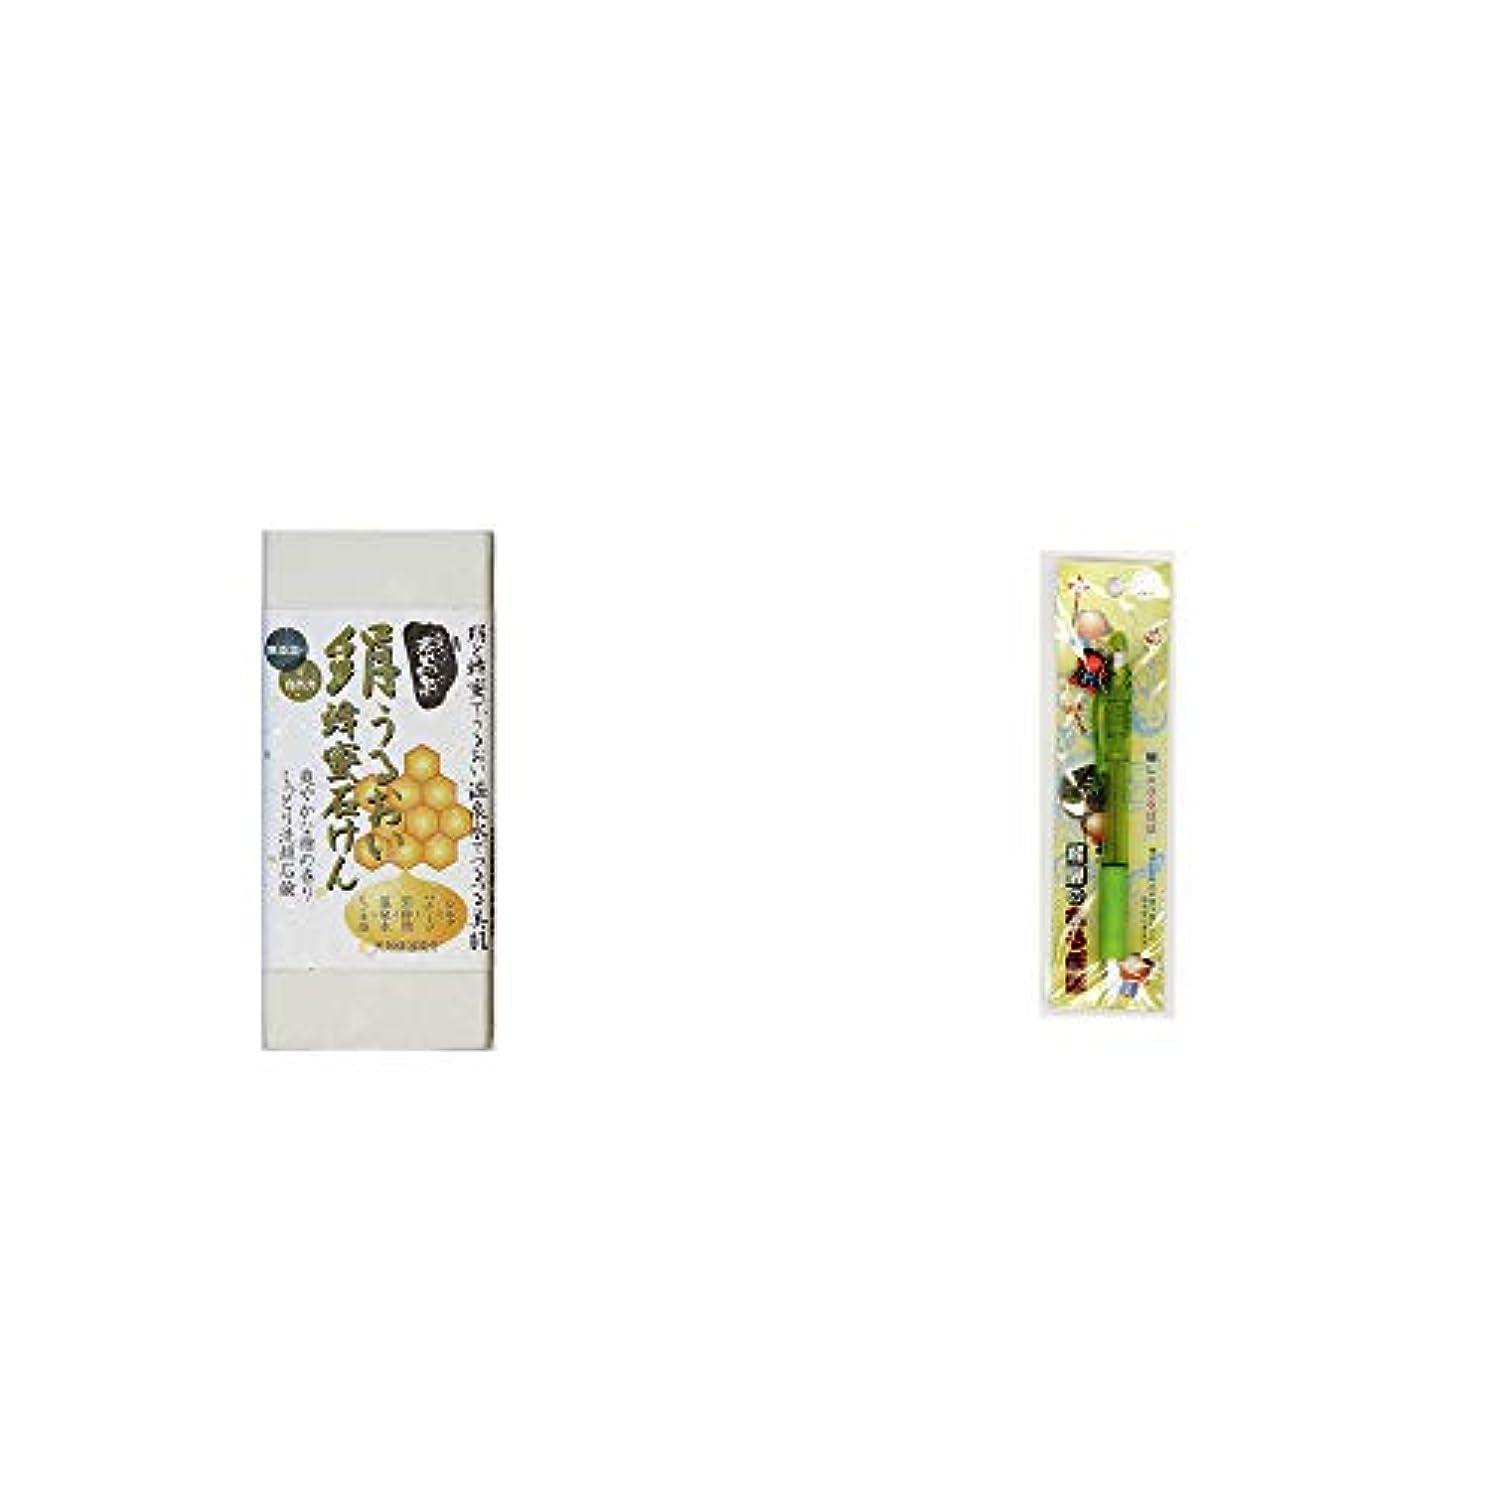 添加剤変換投票[2点セット] ひのき炭黒泉 絹うるおい蜂蜜石けん(75g×2)?さるぼぼ 癒しシャープペン 【グリーン】